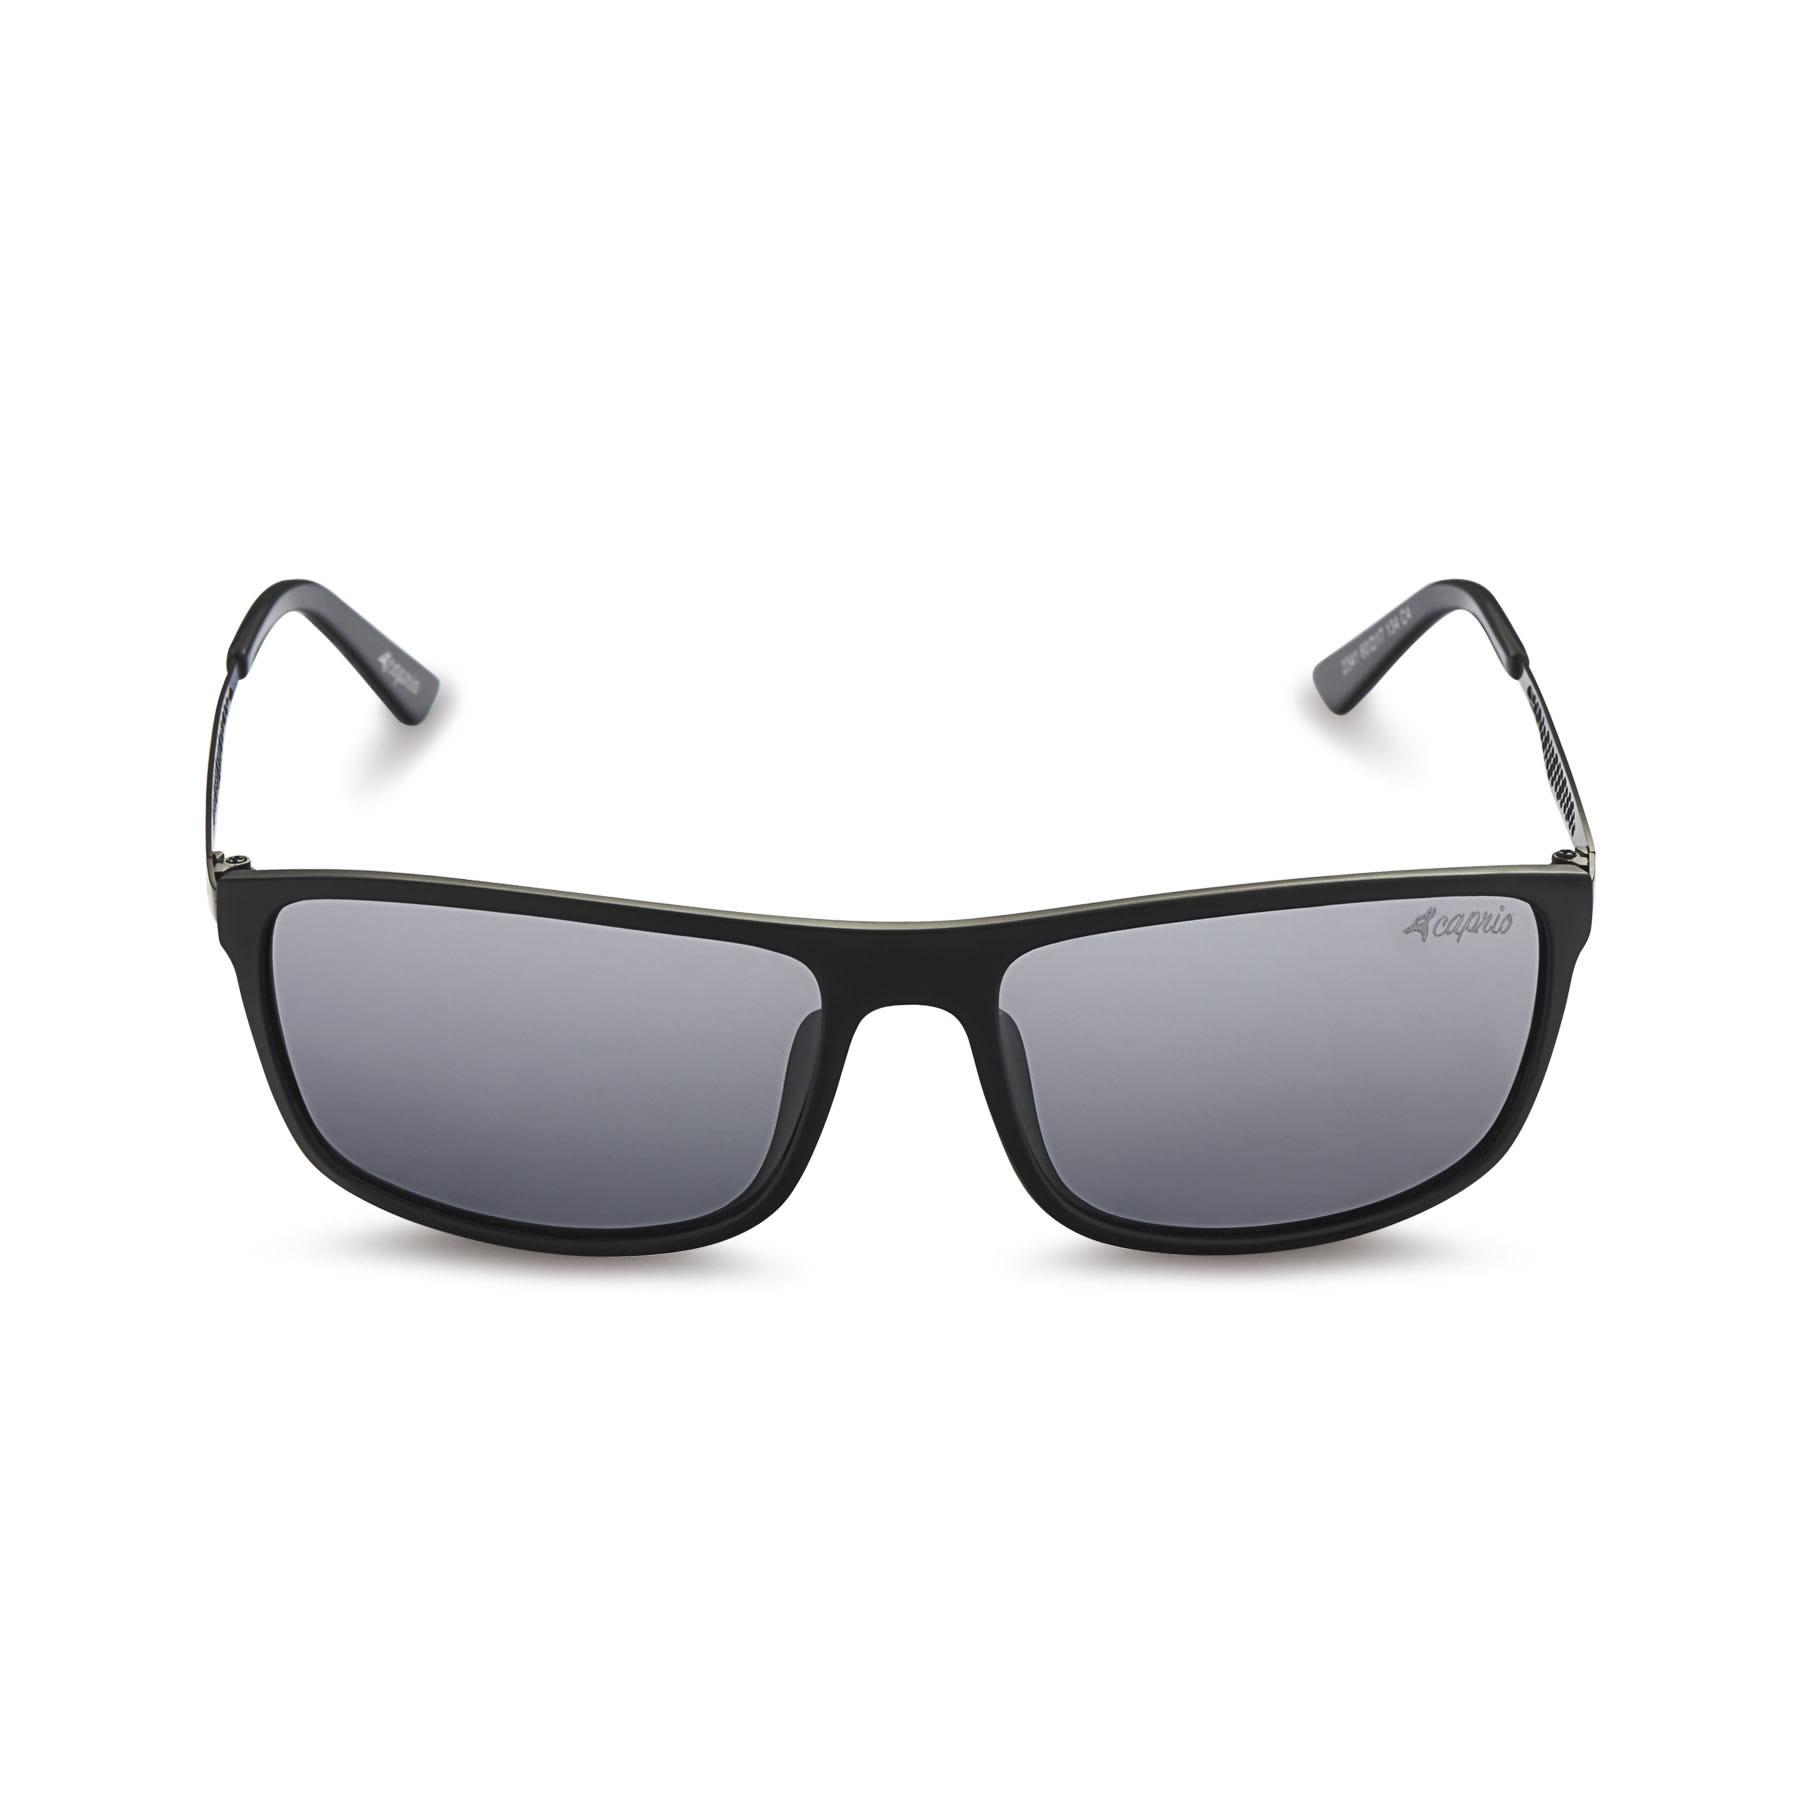 e67a89342463 Caprio Rectangular Sunglasses for Men